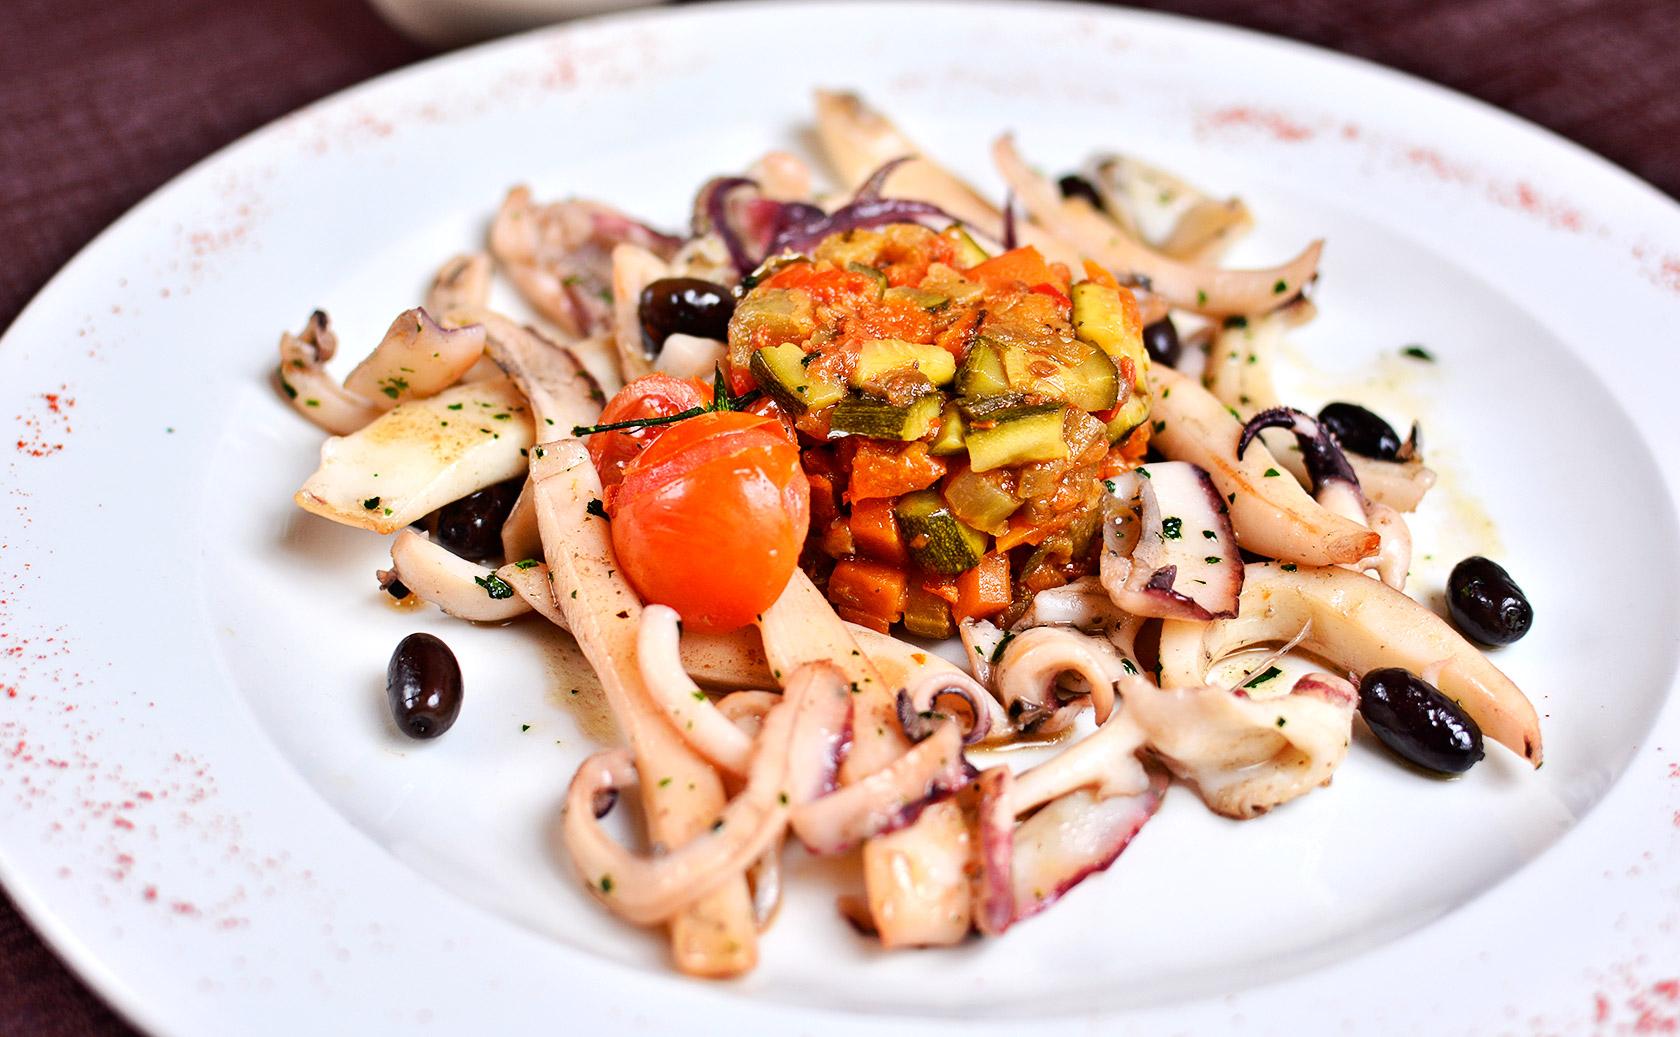 seppia con ratatoille di verdure - ristorante Anima & cuore  - Galatina - Lecce